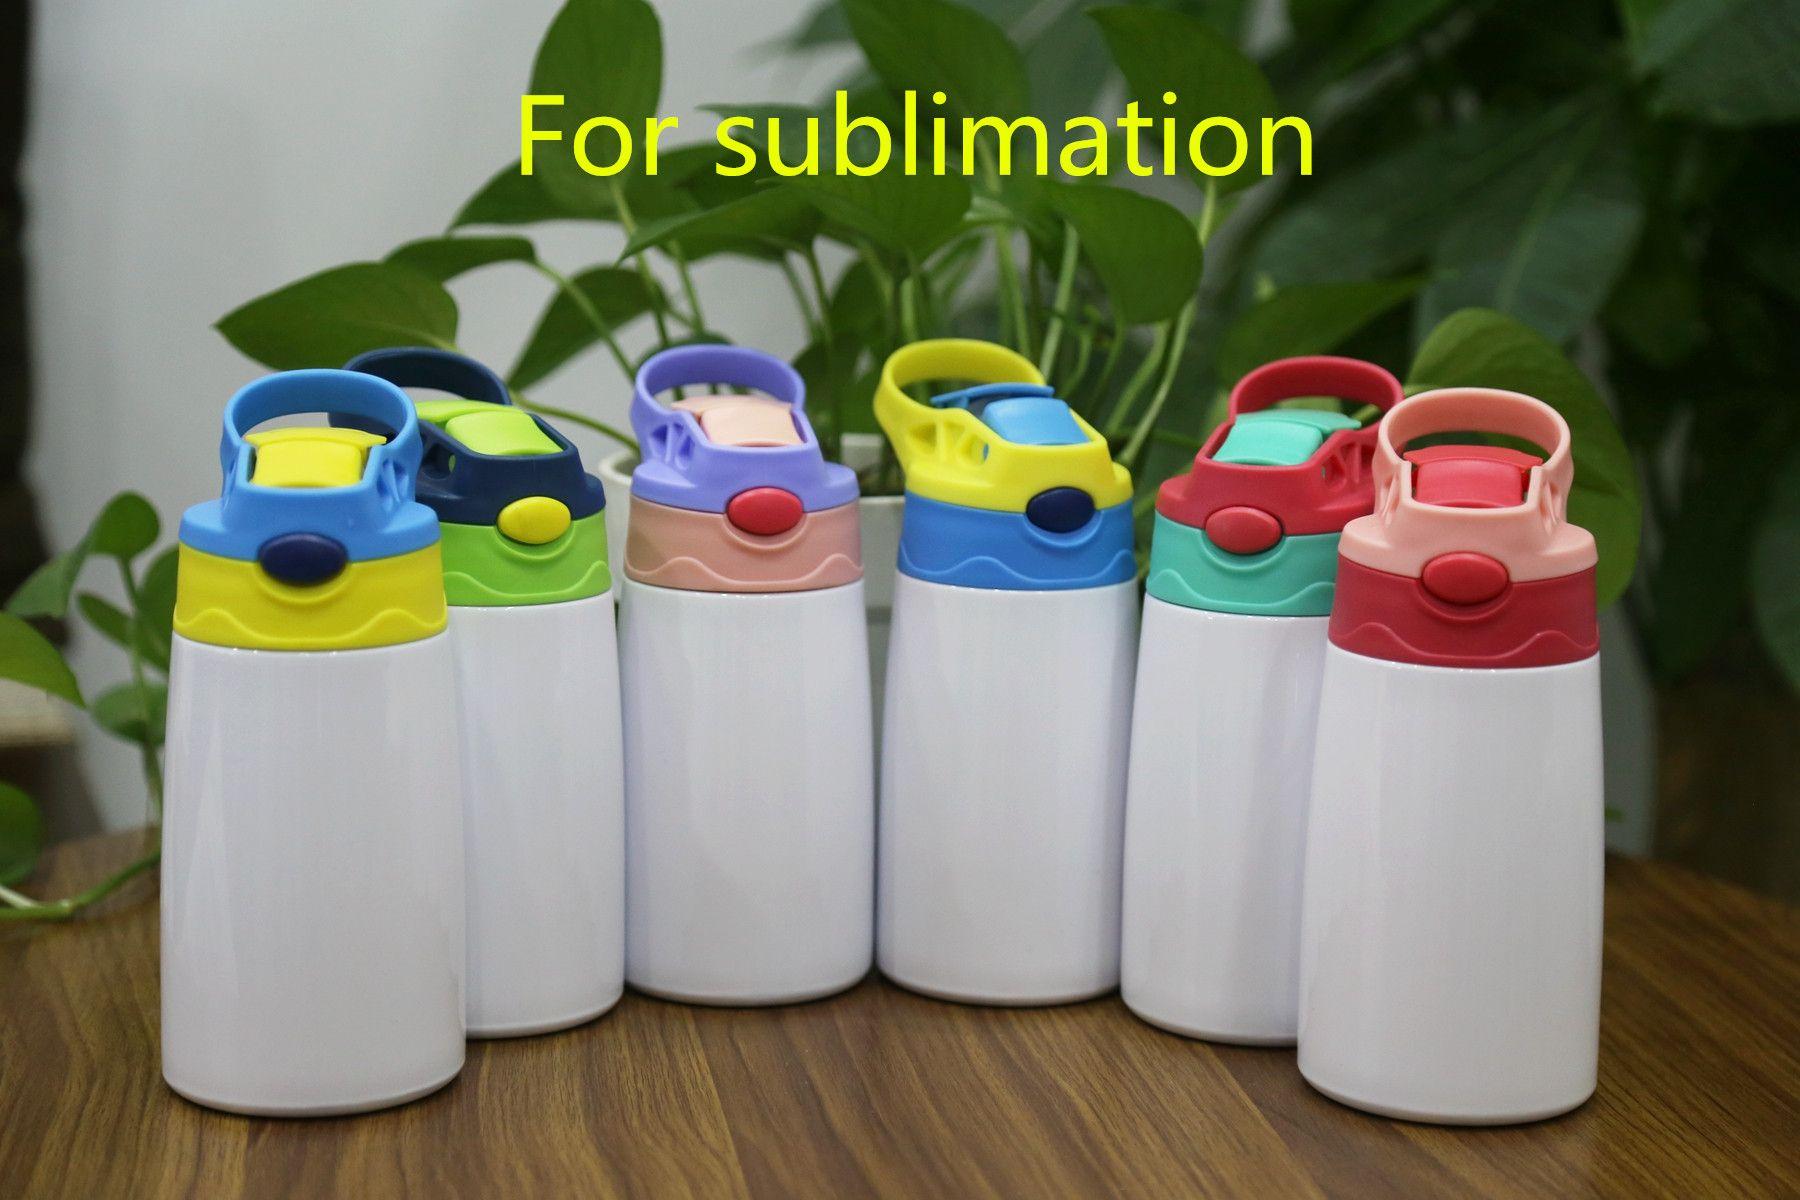 12 أوقية التسامي كأس سيبي 350 ملليلتر التسامي الأطفال زجاجة المياه مع غطاء القش المحمولة الفولاذ المقاوم للصدأ شرب البهلوان للأطفال 6 ألوان